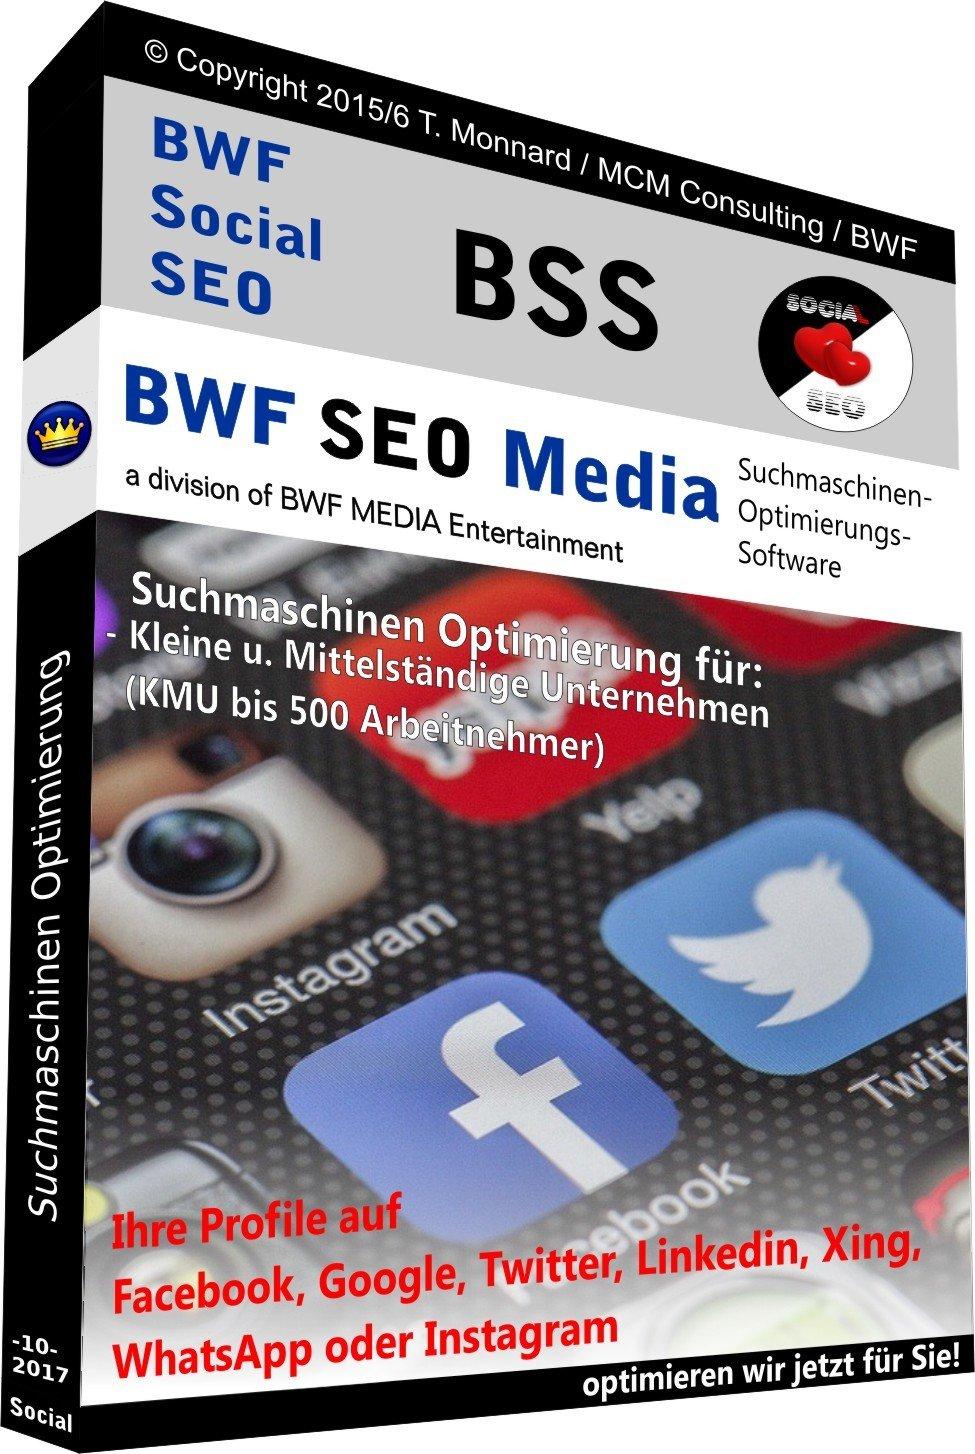 BSS SOCIAL SEO Paket  - (die MwSt in Höhe von € 433,20 ist inklusive)